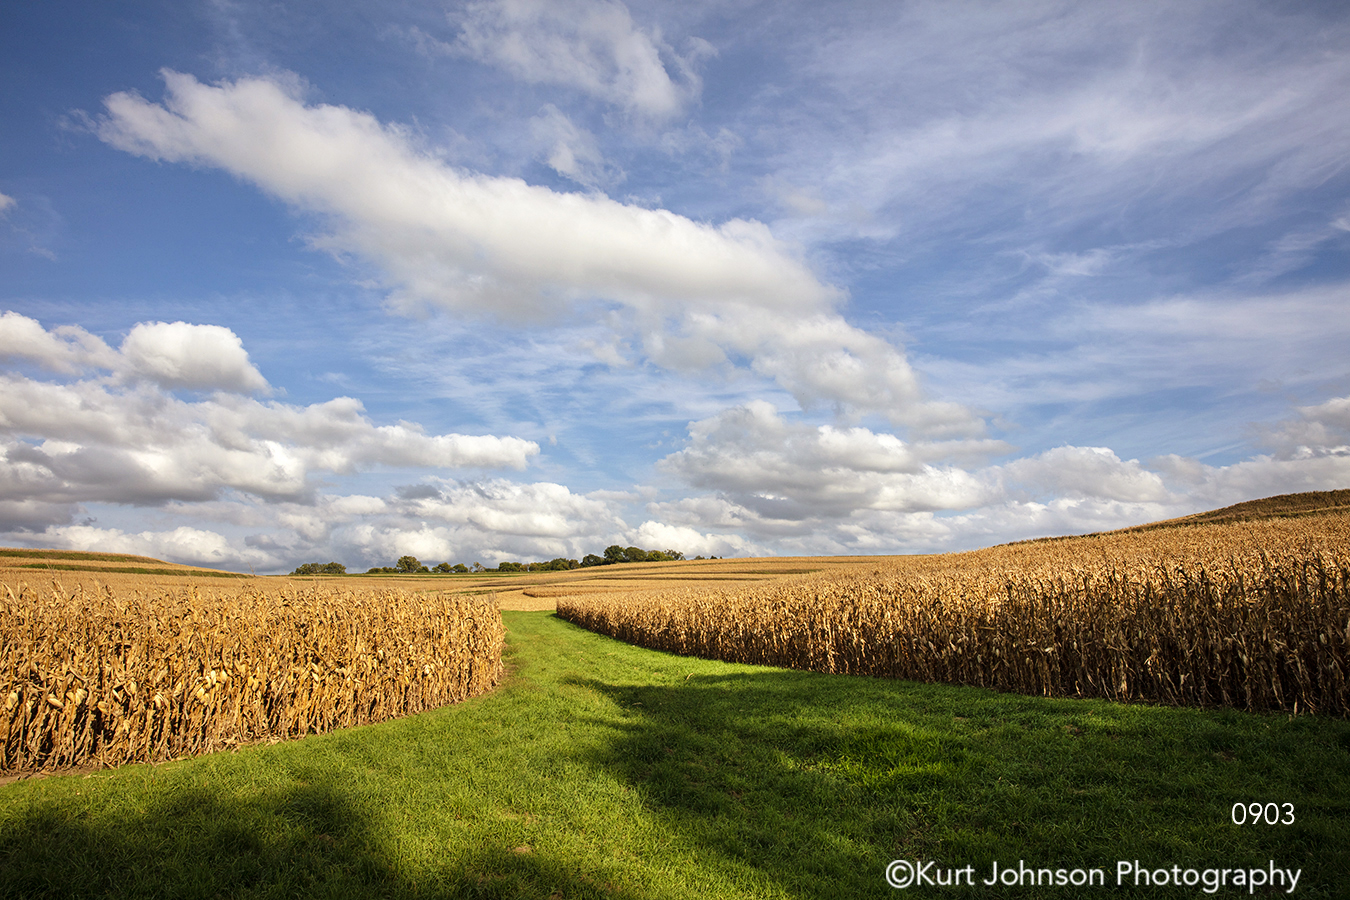 midwest blue sky green grass field corn field country farm landscape